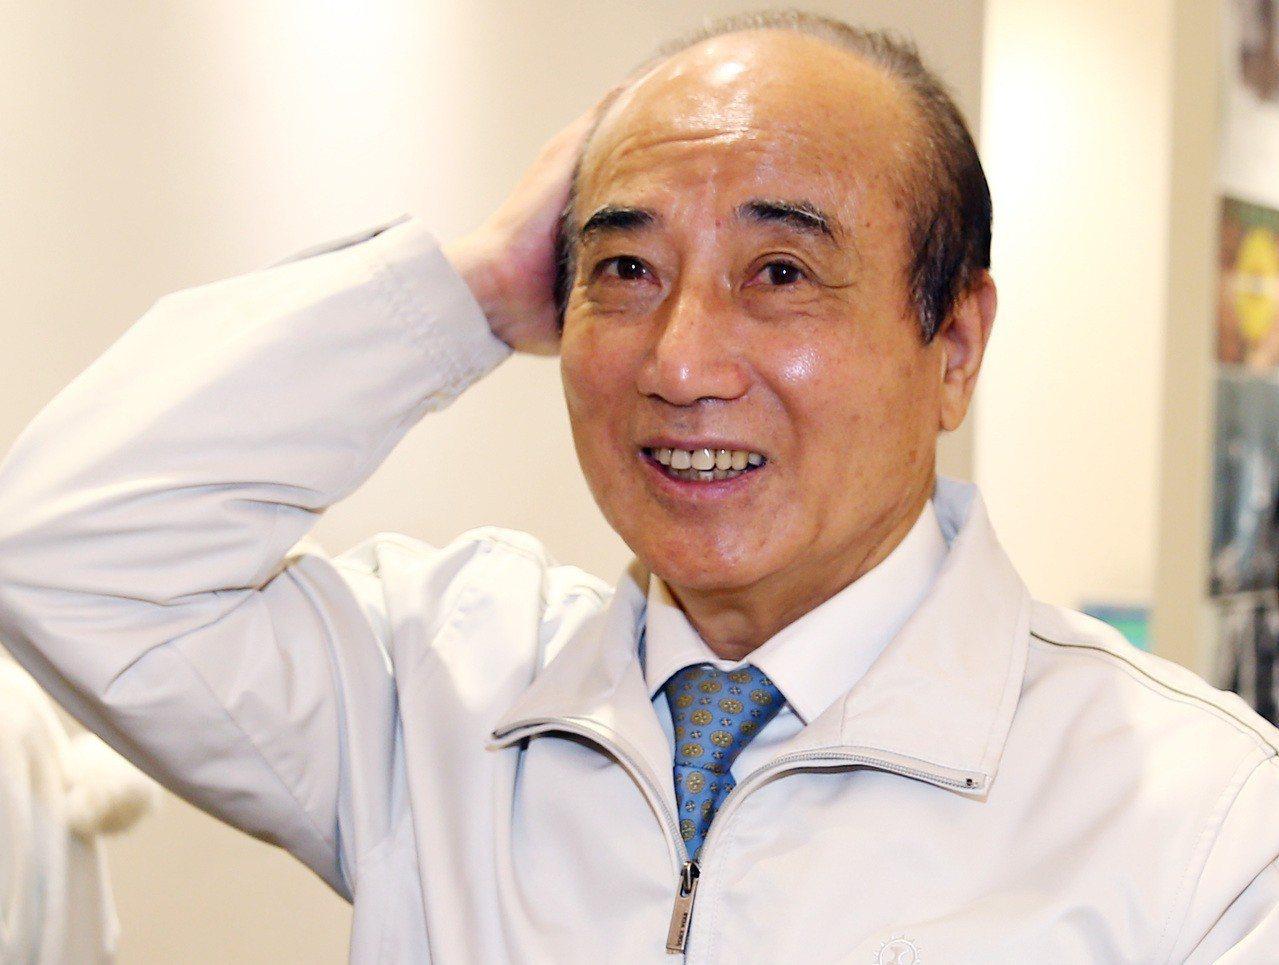 國民黨立委王金平3月7日將宣布參選總統。 圖/聯合報系資料照